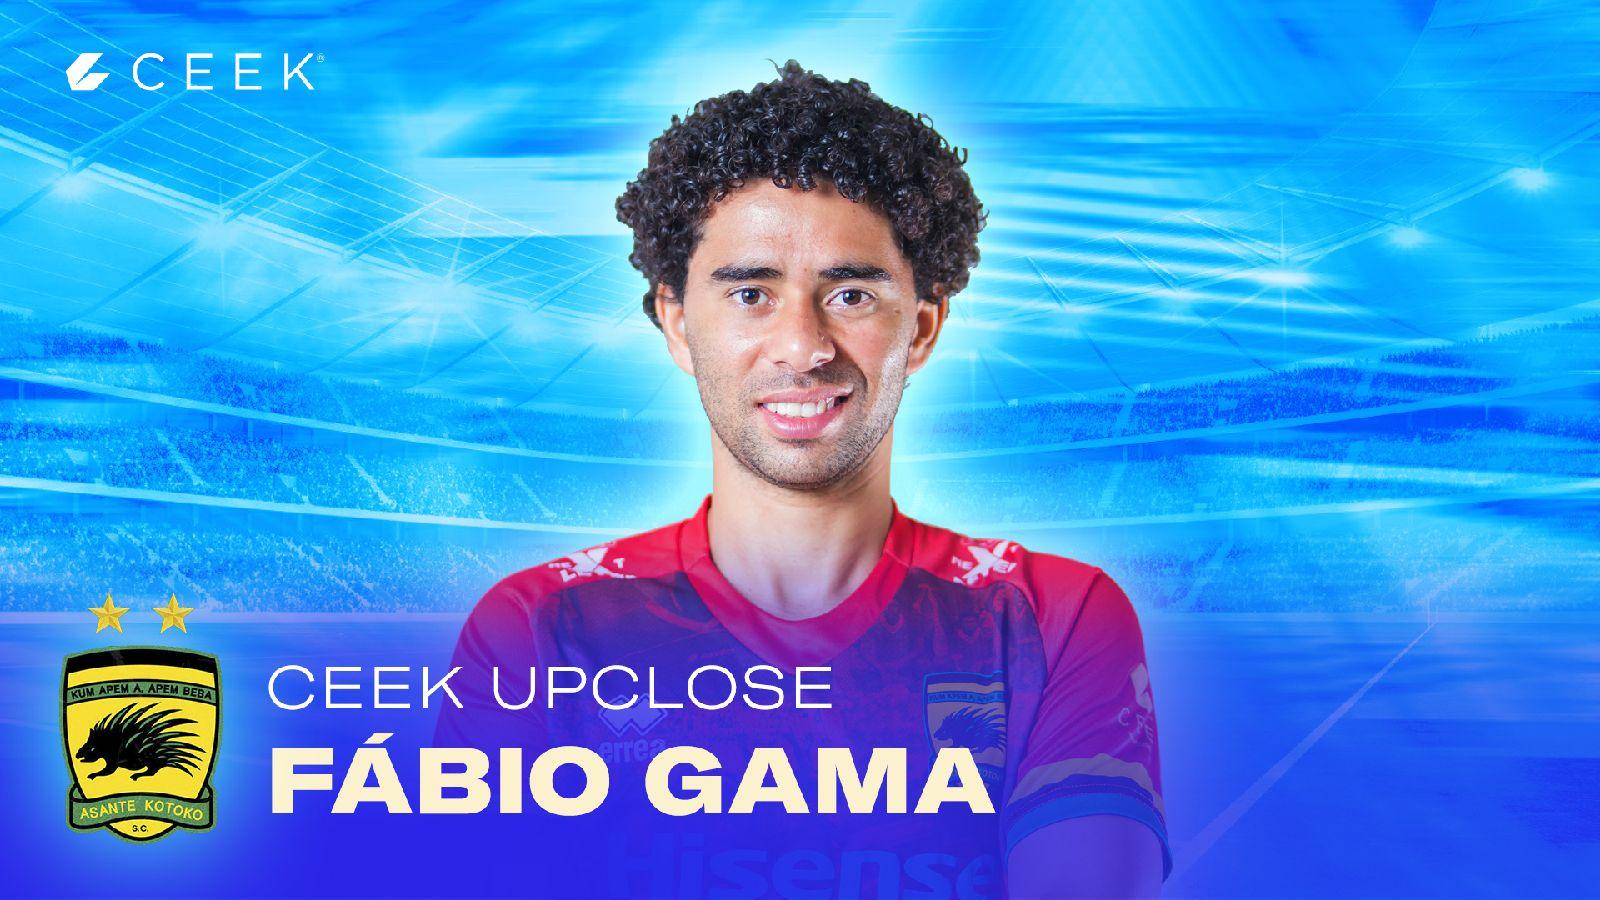 Fábio Gama Upclose